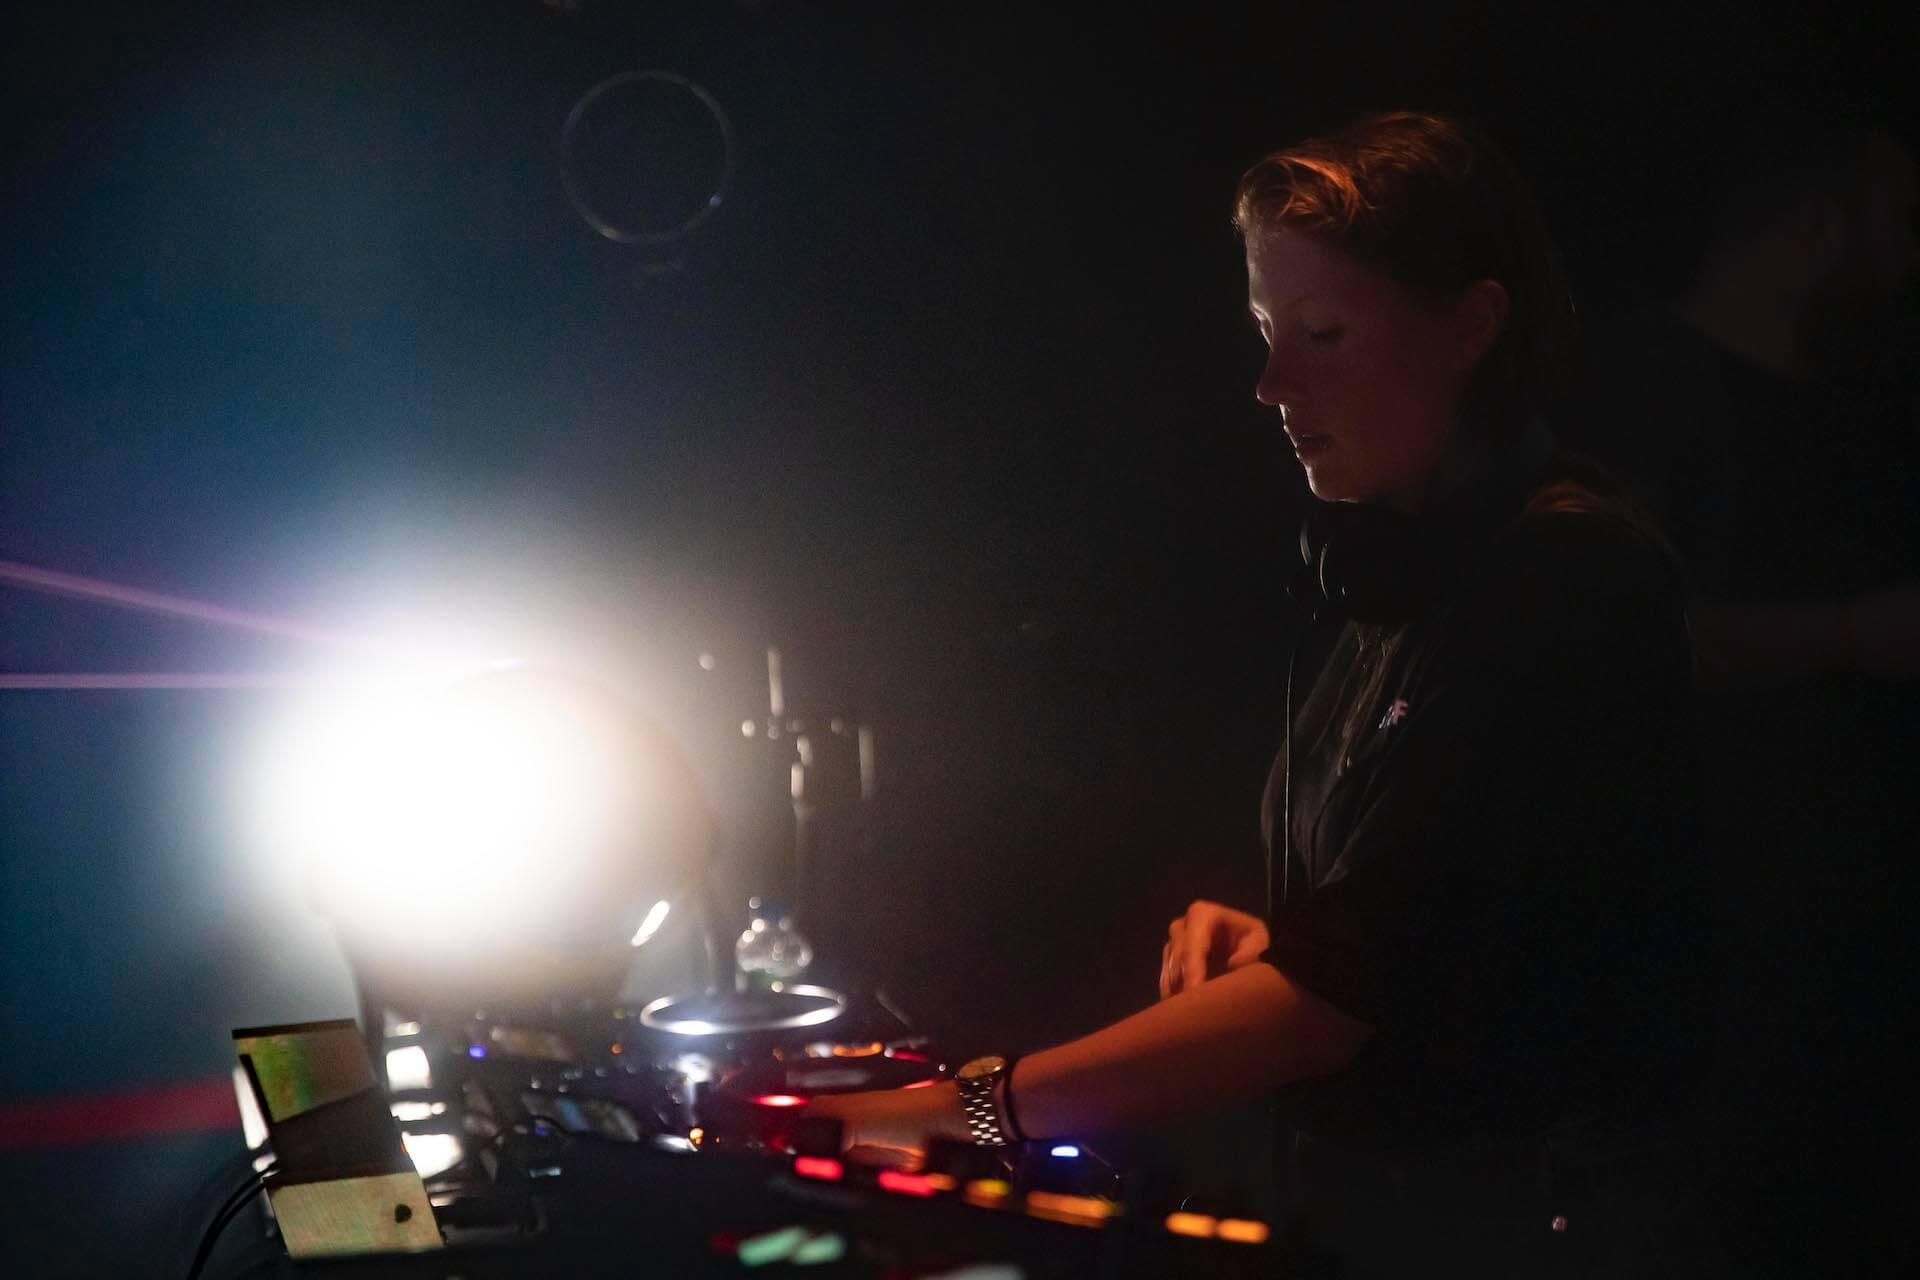 ベルギーの女性DJ・Charlotte de Witte×<ALIVE presents REBOOT>が東京のクラブナイトを再び更新する music190920_charlotte_07